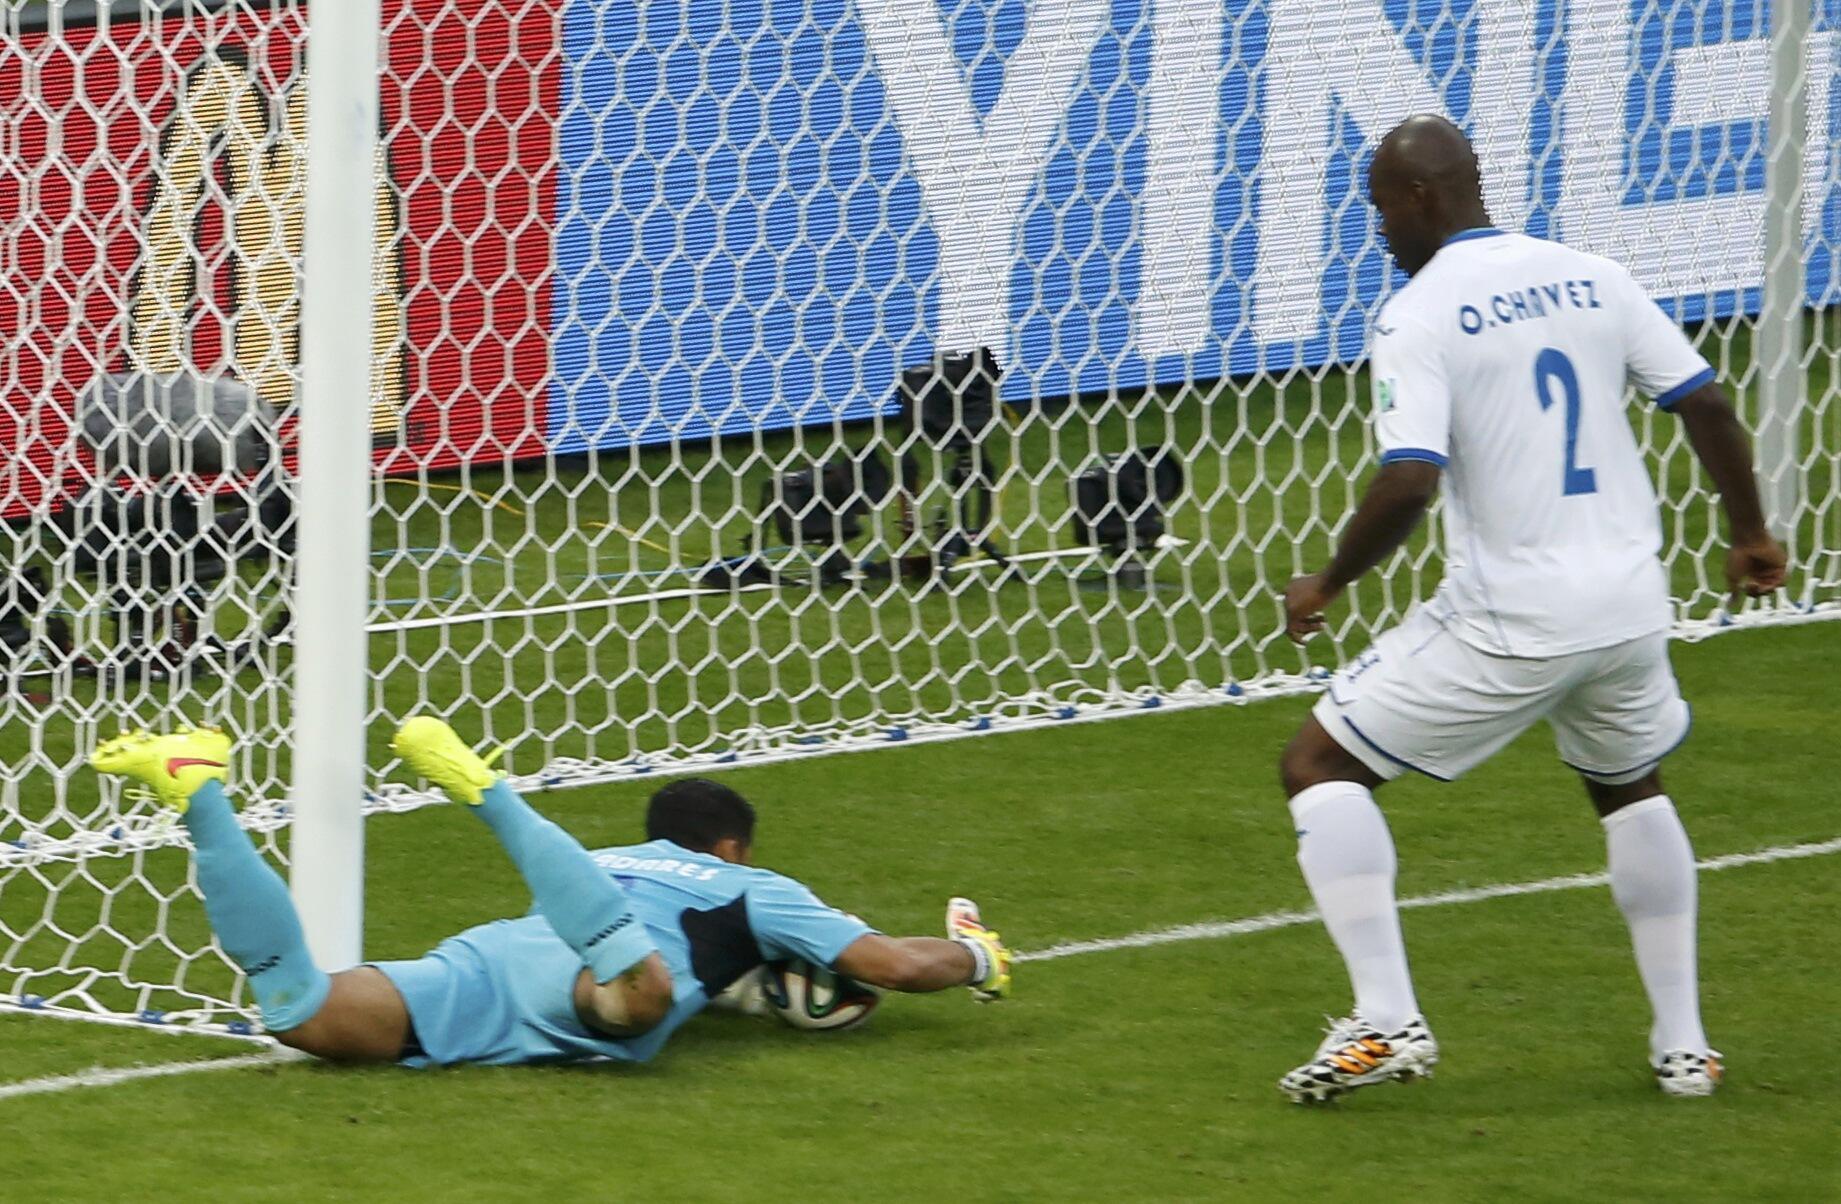 O goleiro Valladares tenta evitar o gol contra, mas a tecnologia do goal-line confirmou a entrada da bola.